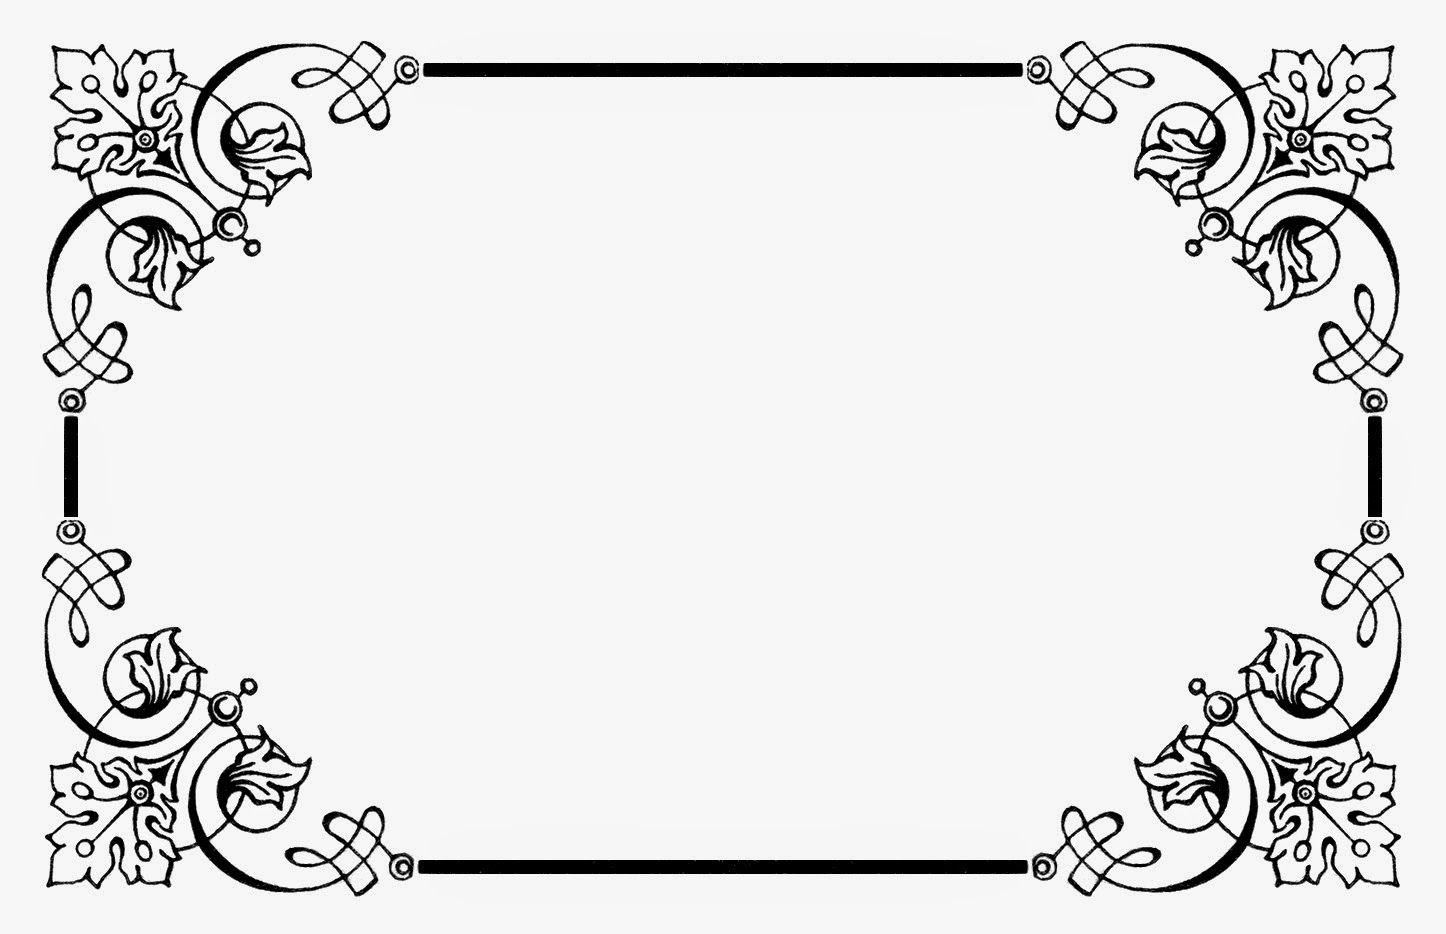 Contoh Desain Bingkai Undangan Pernikahan.